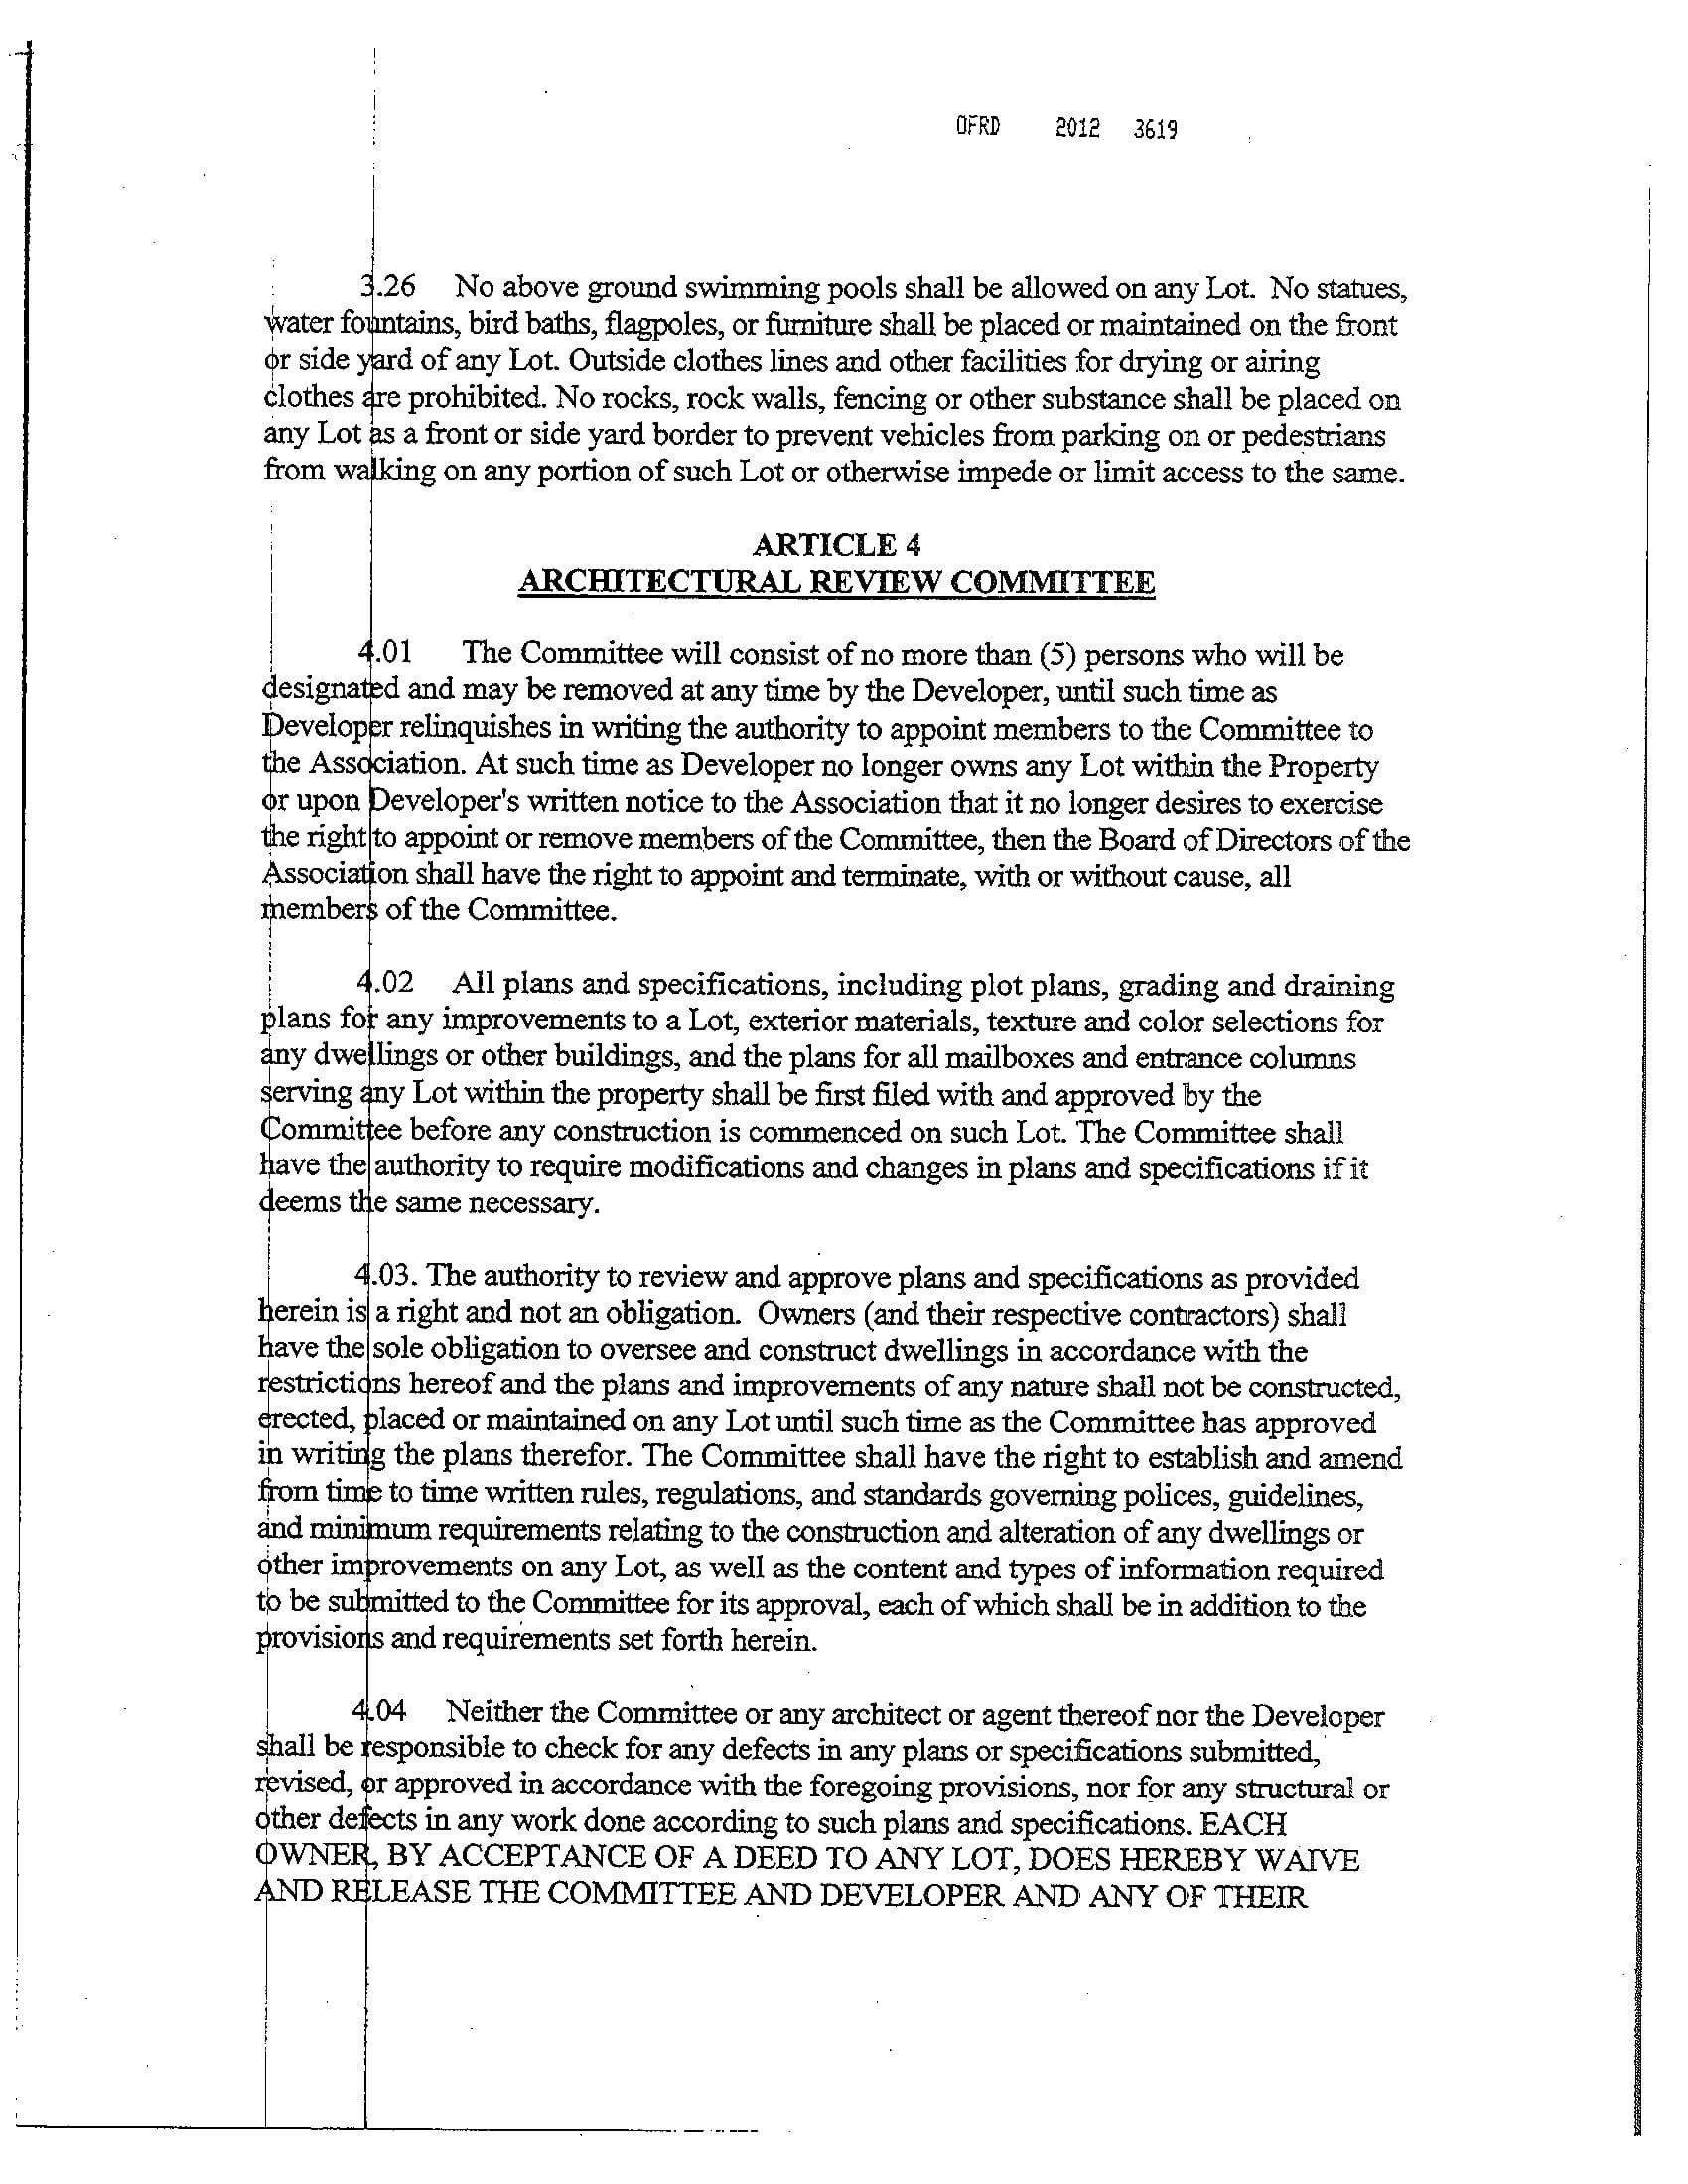 Covenants-Belle-Vista-Phase-1-06.jpg